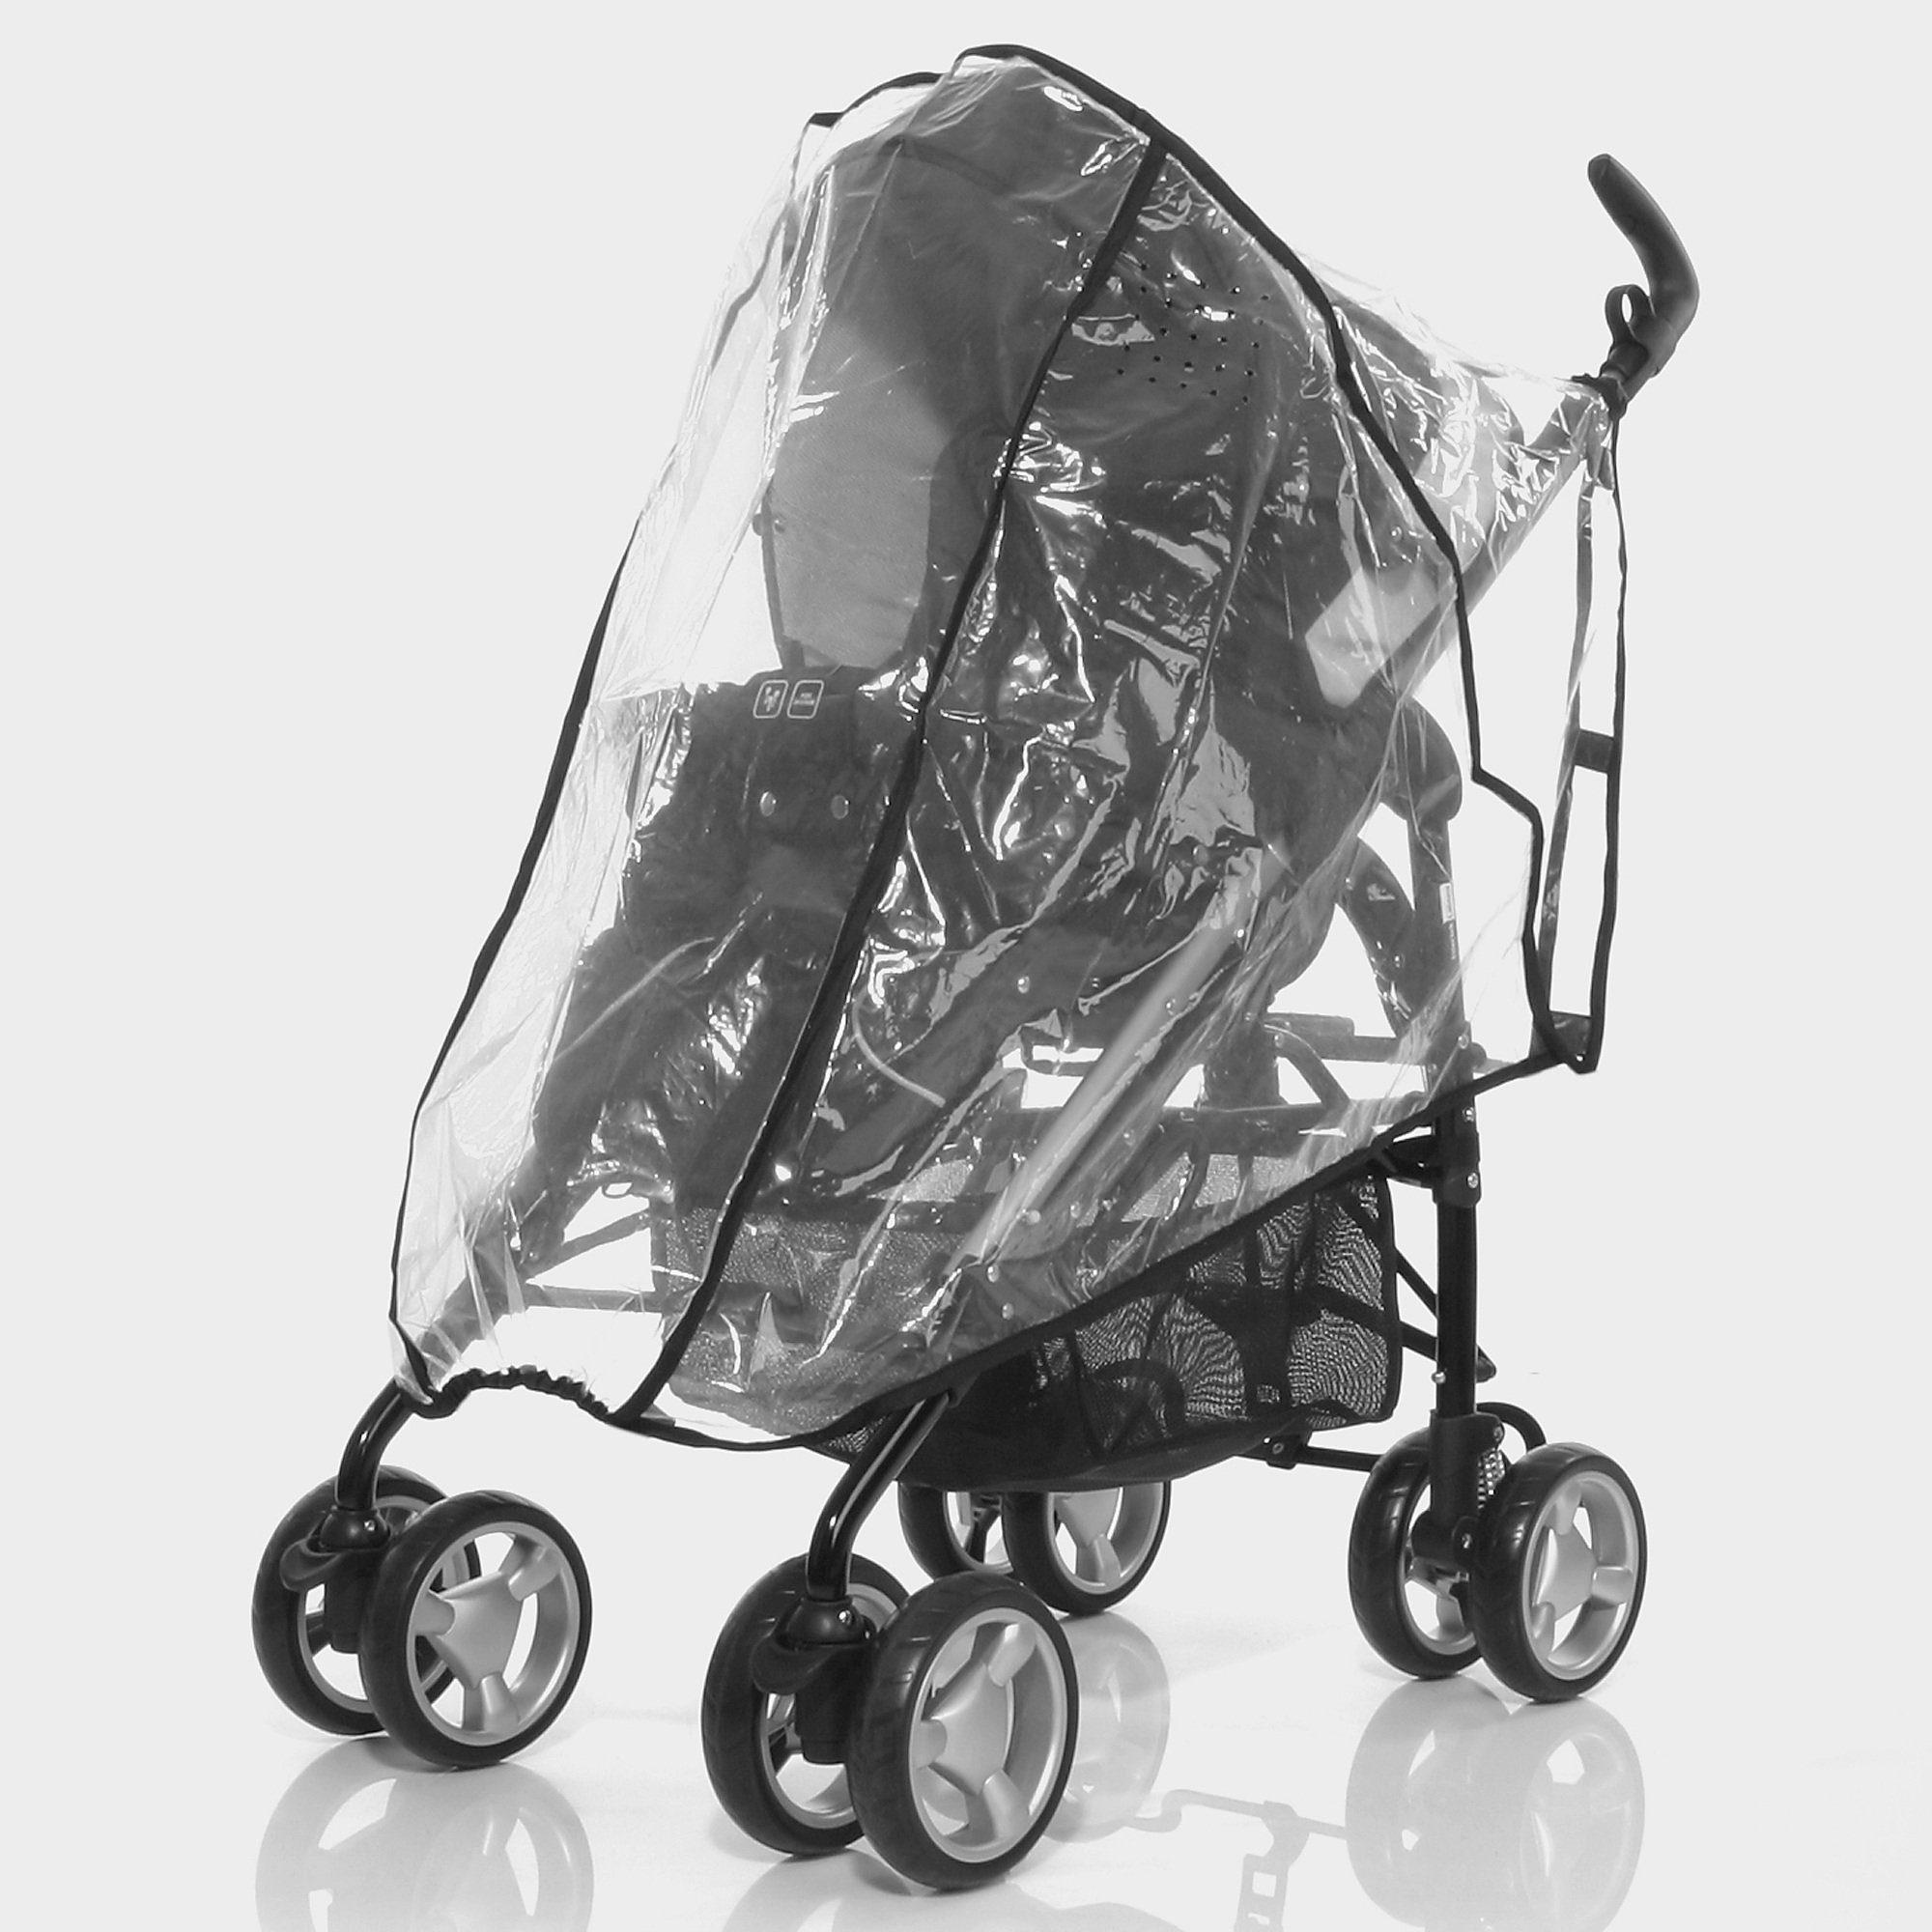 ABC Design Regenschutz für Takeoff, Avito, Moving